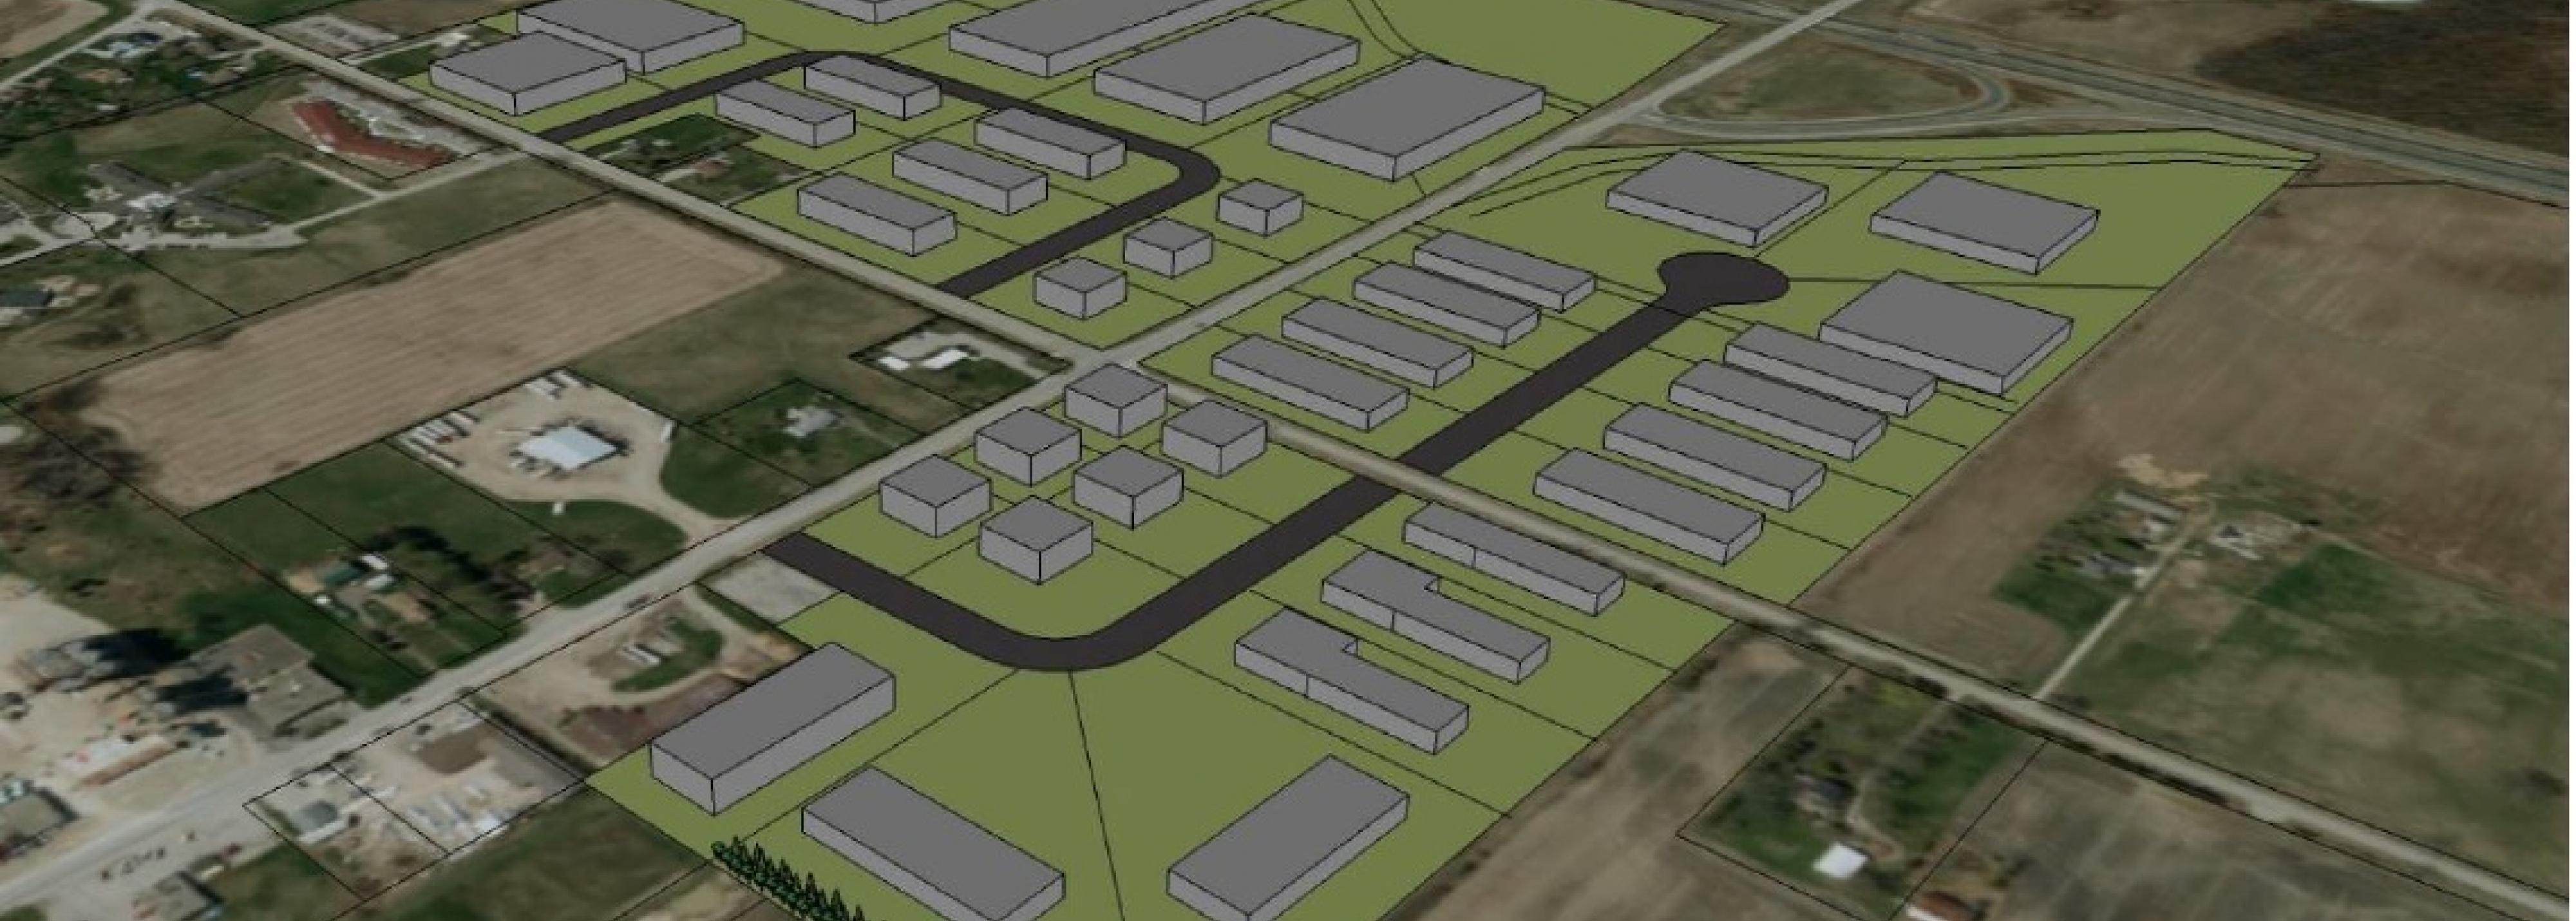 Conceptual Business Park